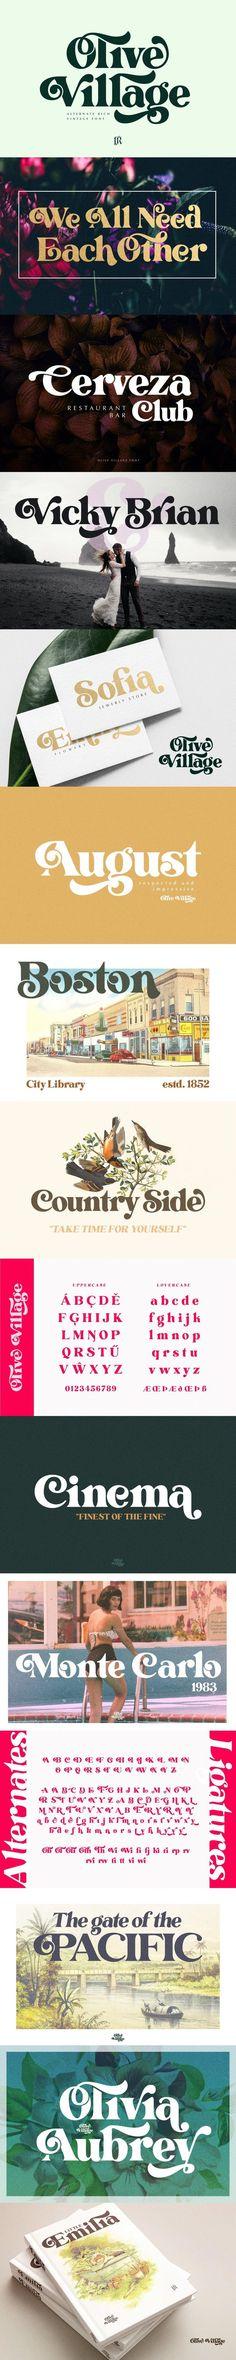 Olive Village - Vintage Font #classic #otf #VintageFont #bold #instagramstories #trendyfont #otf #headingfont #ttf #feminine #ttf #opentypefont #modernfont #display #webopenfontformat #children #lettering #modernfont #fun Modern Font, Font Design, Vintage Fonts, Cinema, Wedding Fonts, Branding, Typography, Lettering, Display